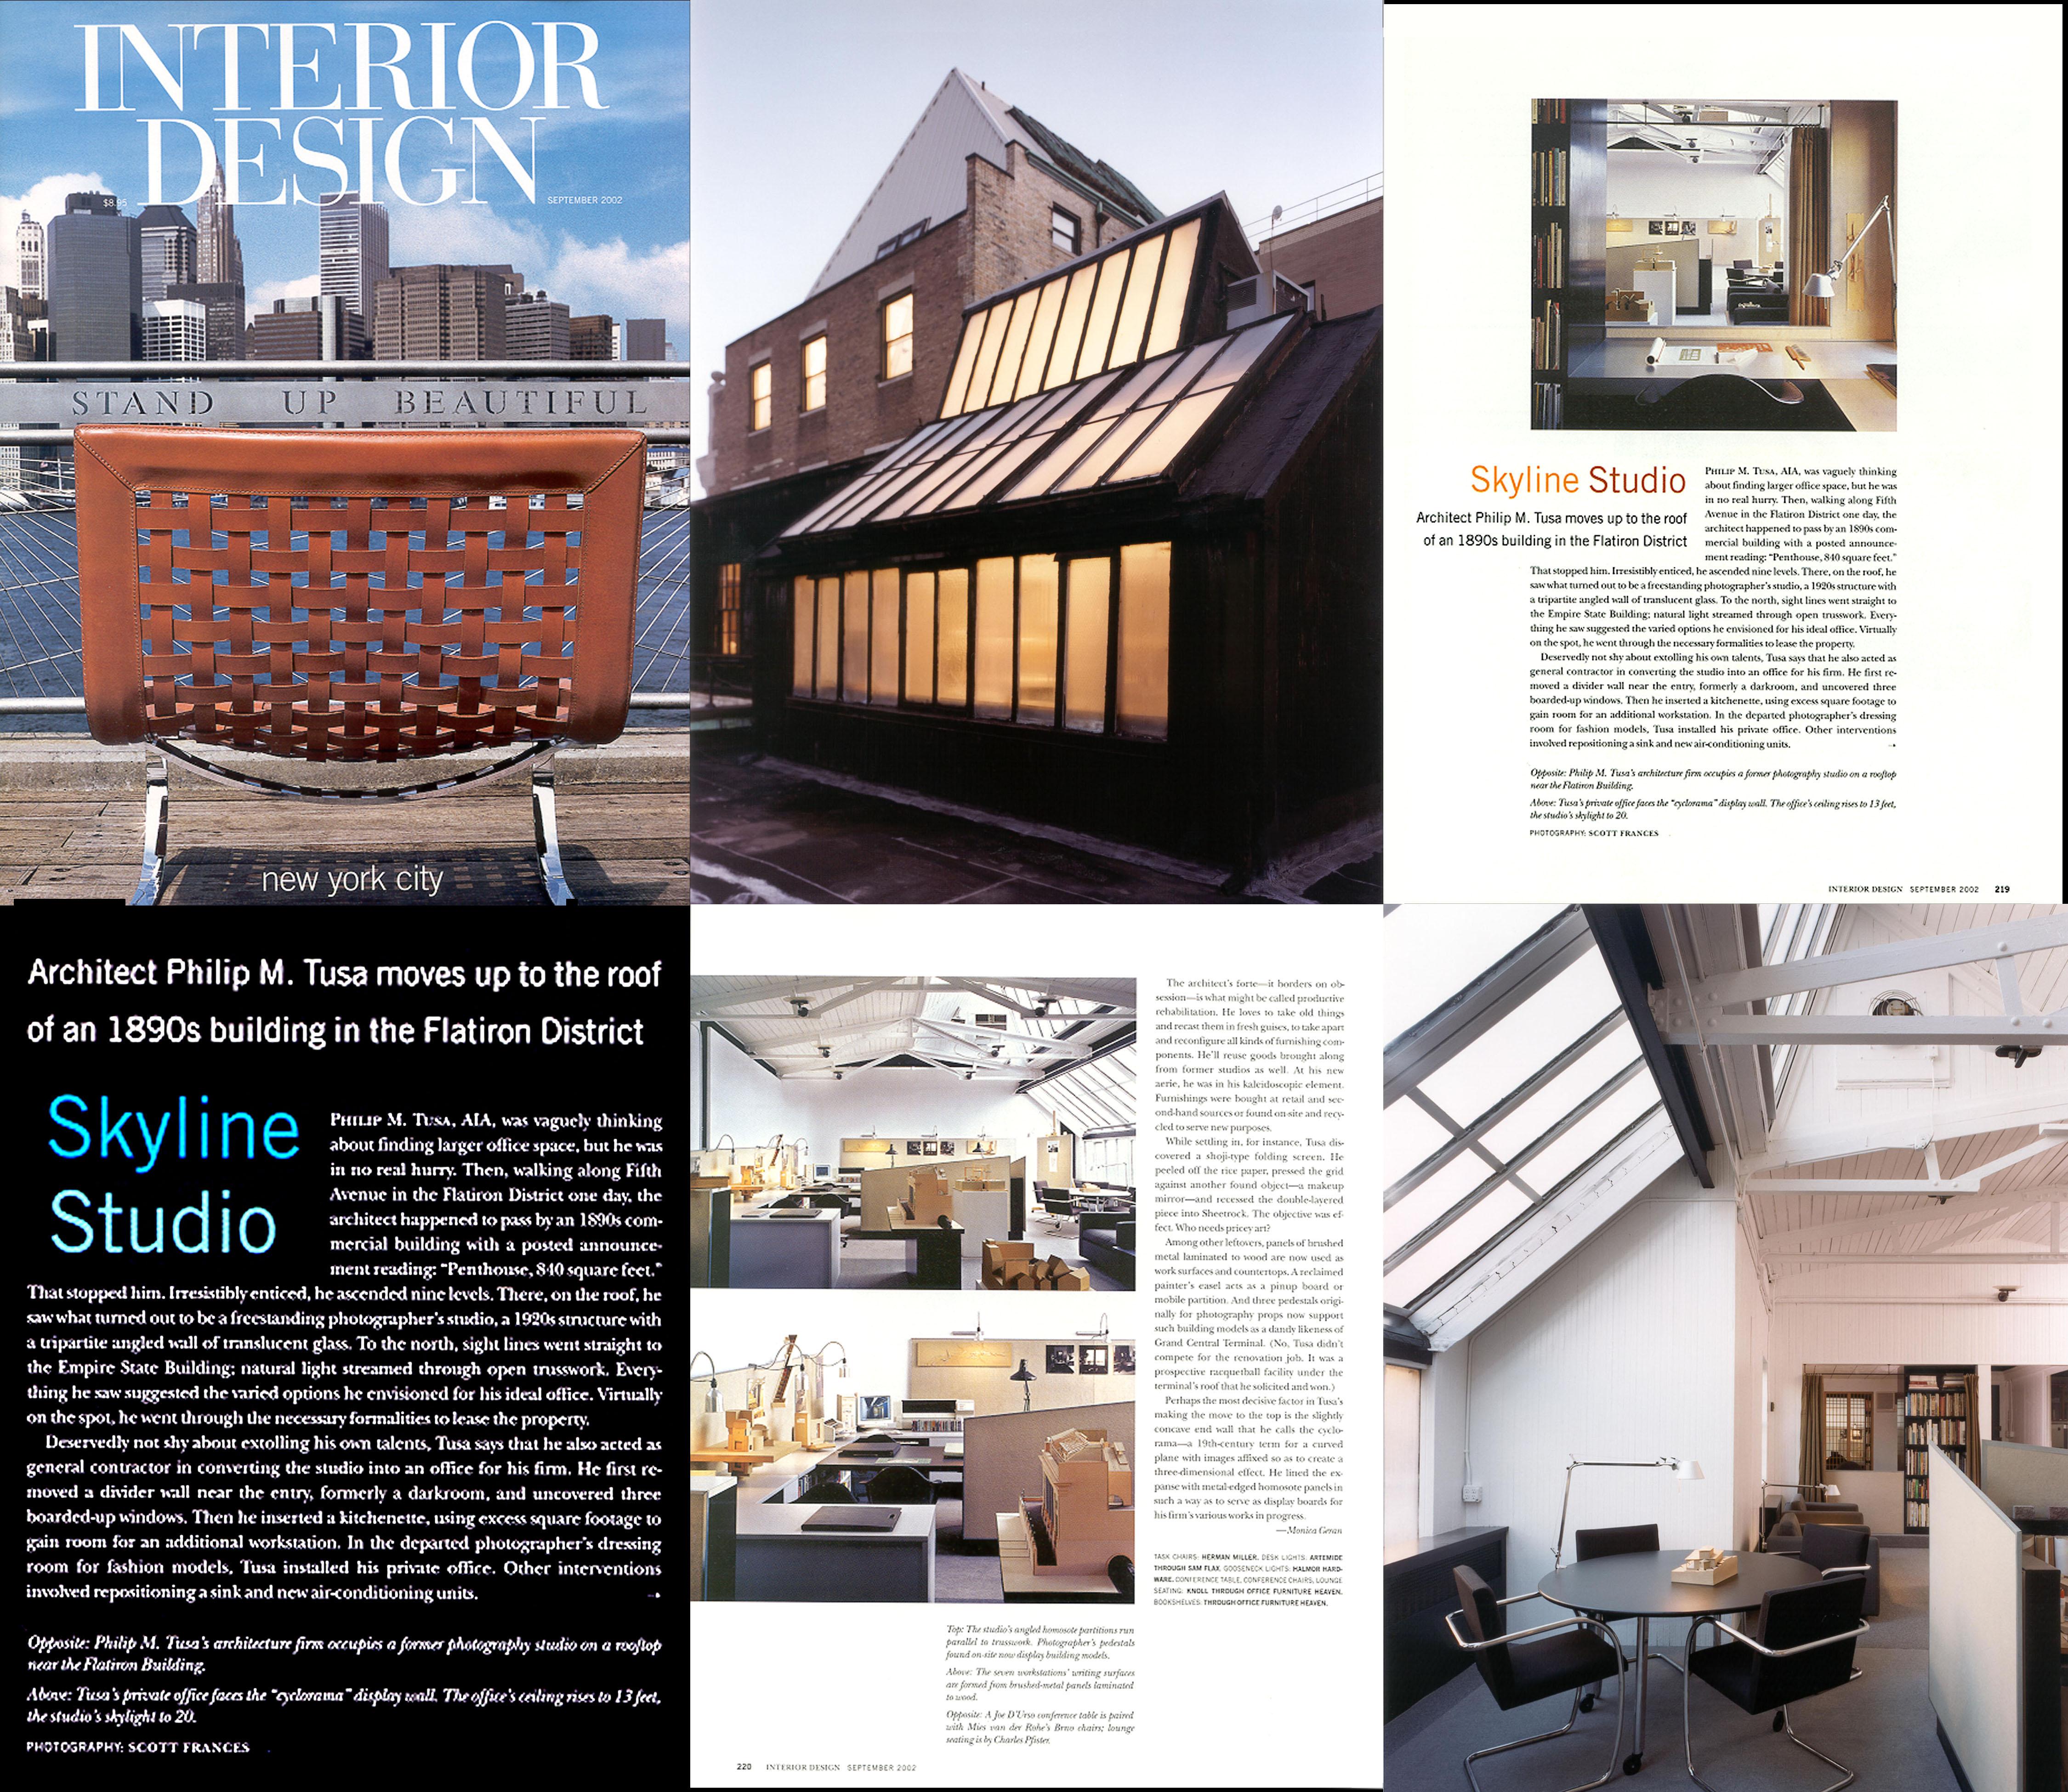 Interior Design Magazine (9/02) pg 218; 160 5th Avenue Penthouse Studio